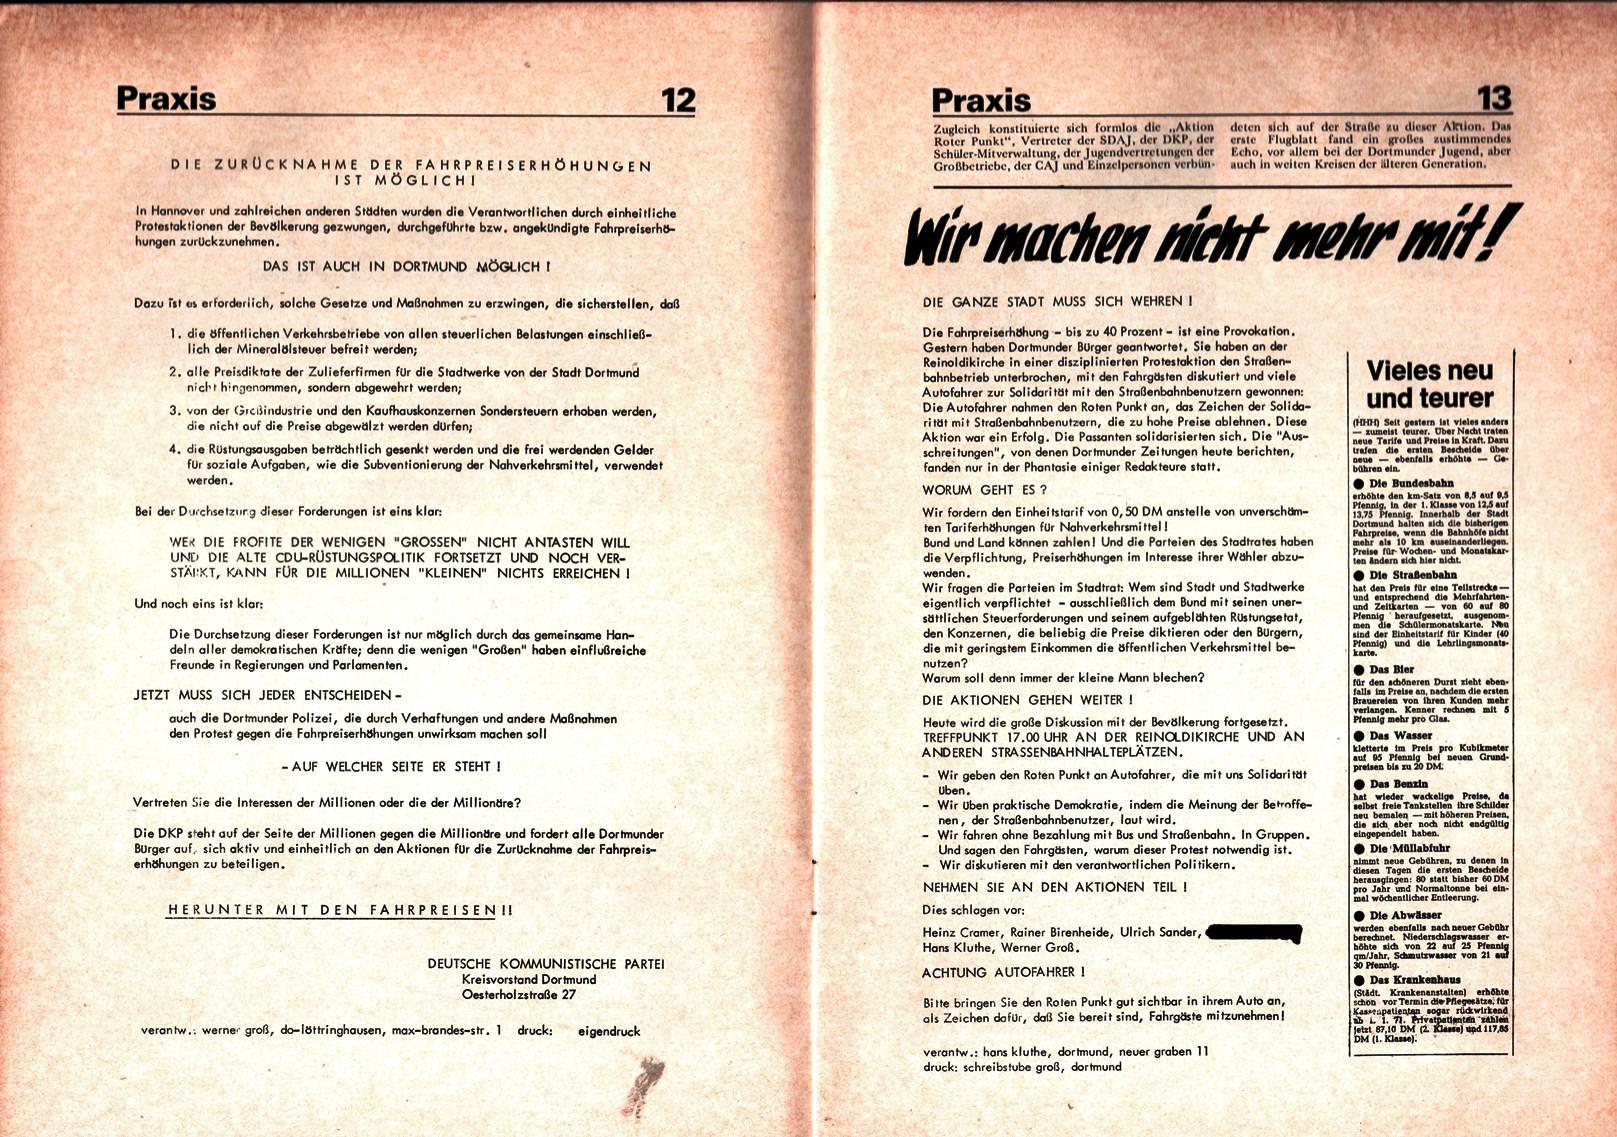 DKP_Praxis_1971_04_007